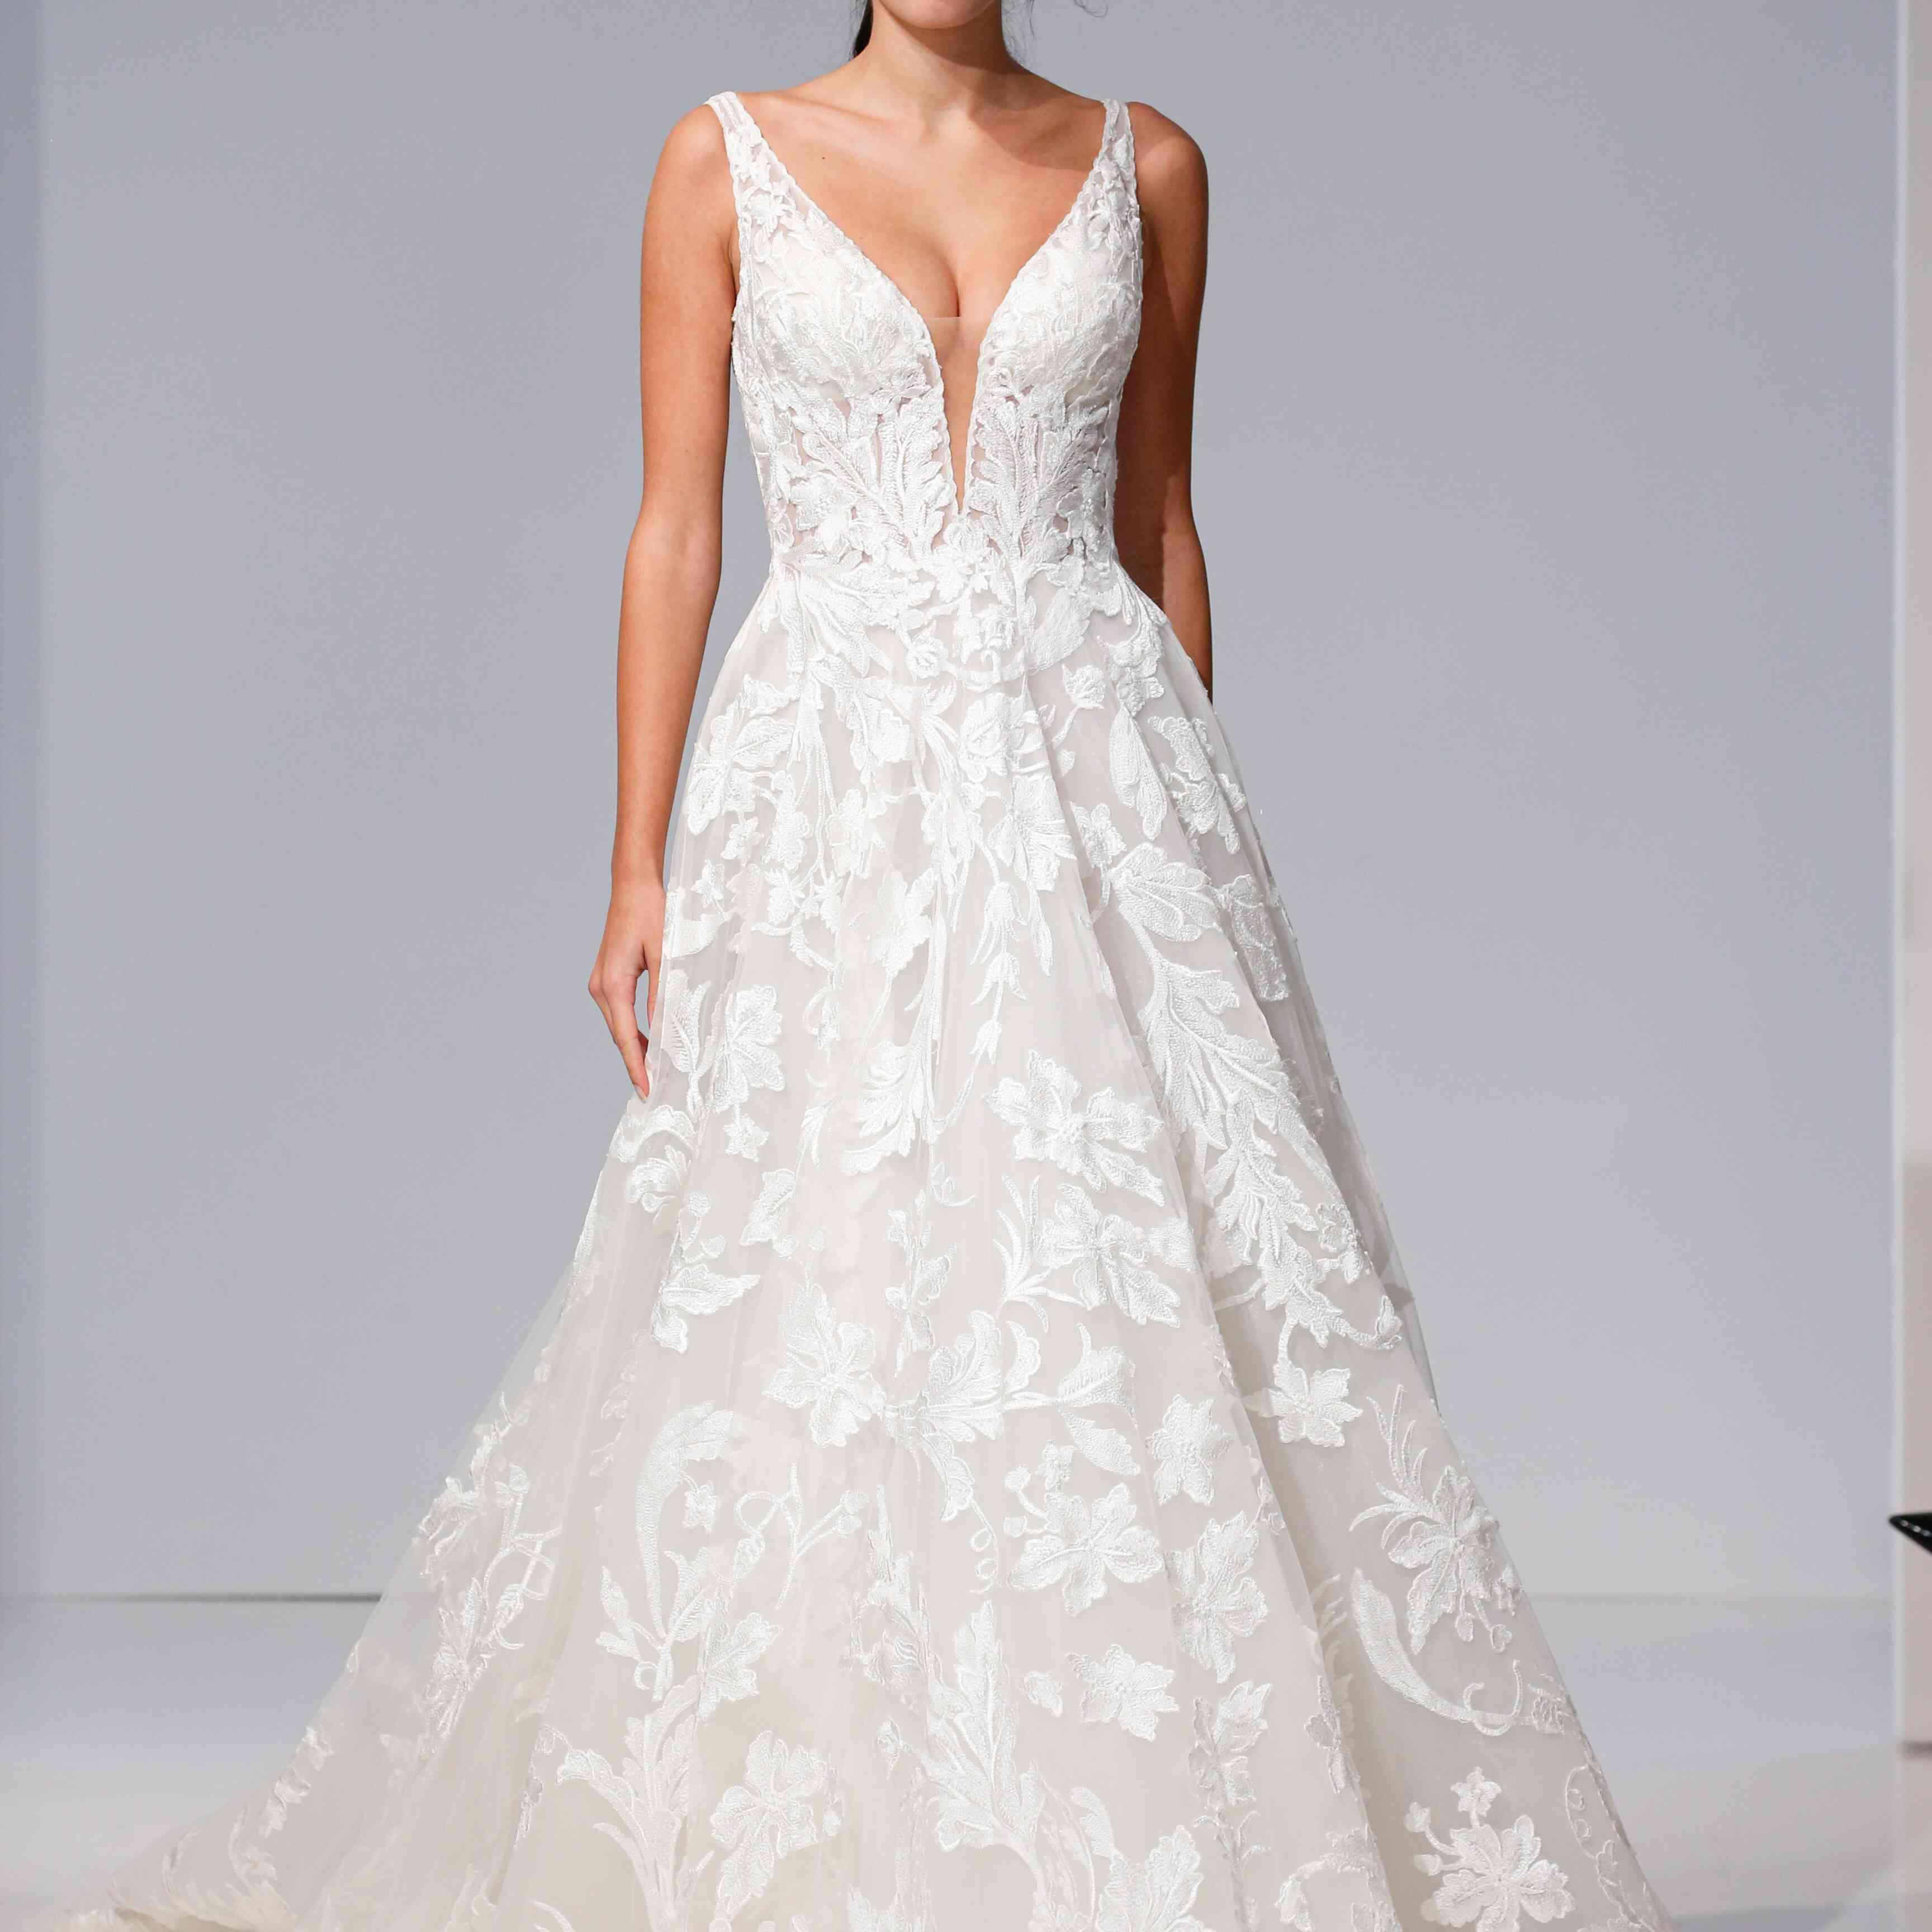 Morilee By Madeline Gardner Bridal Wedding Dress